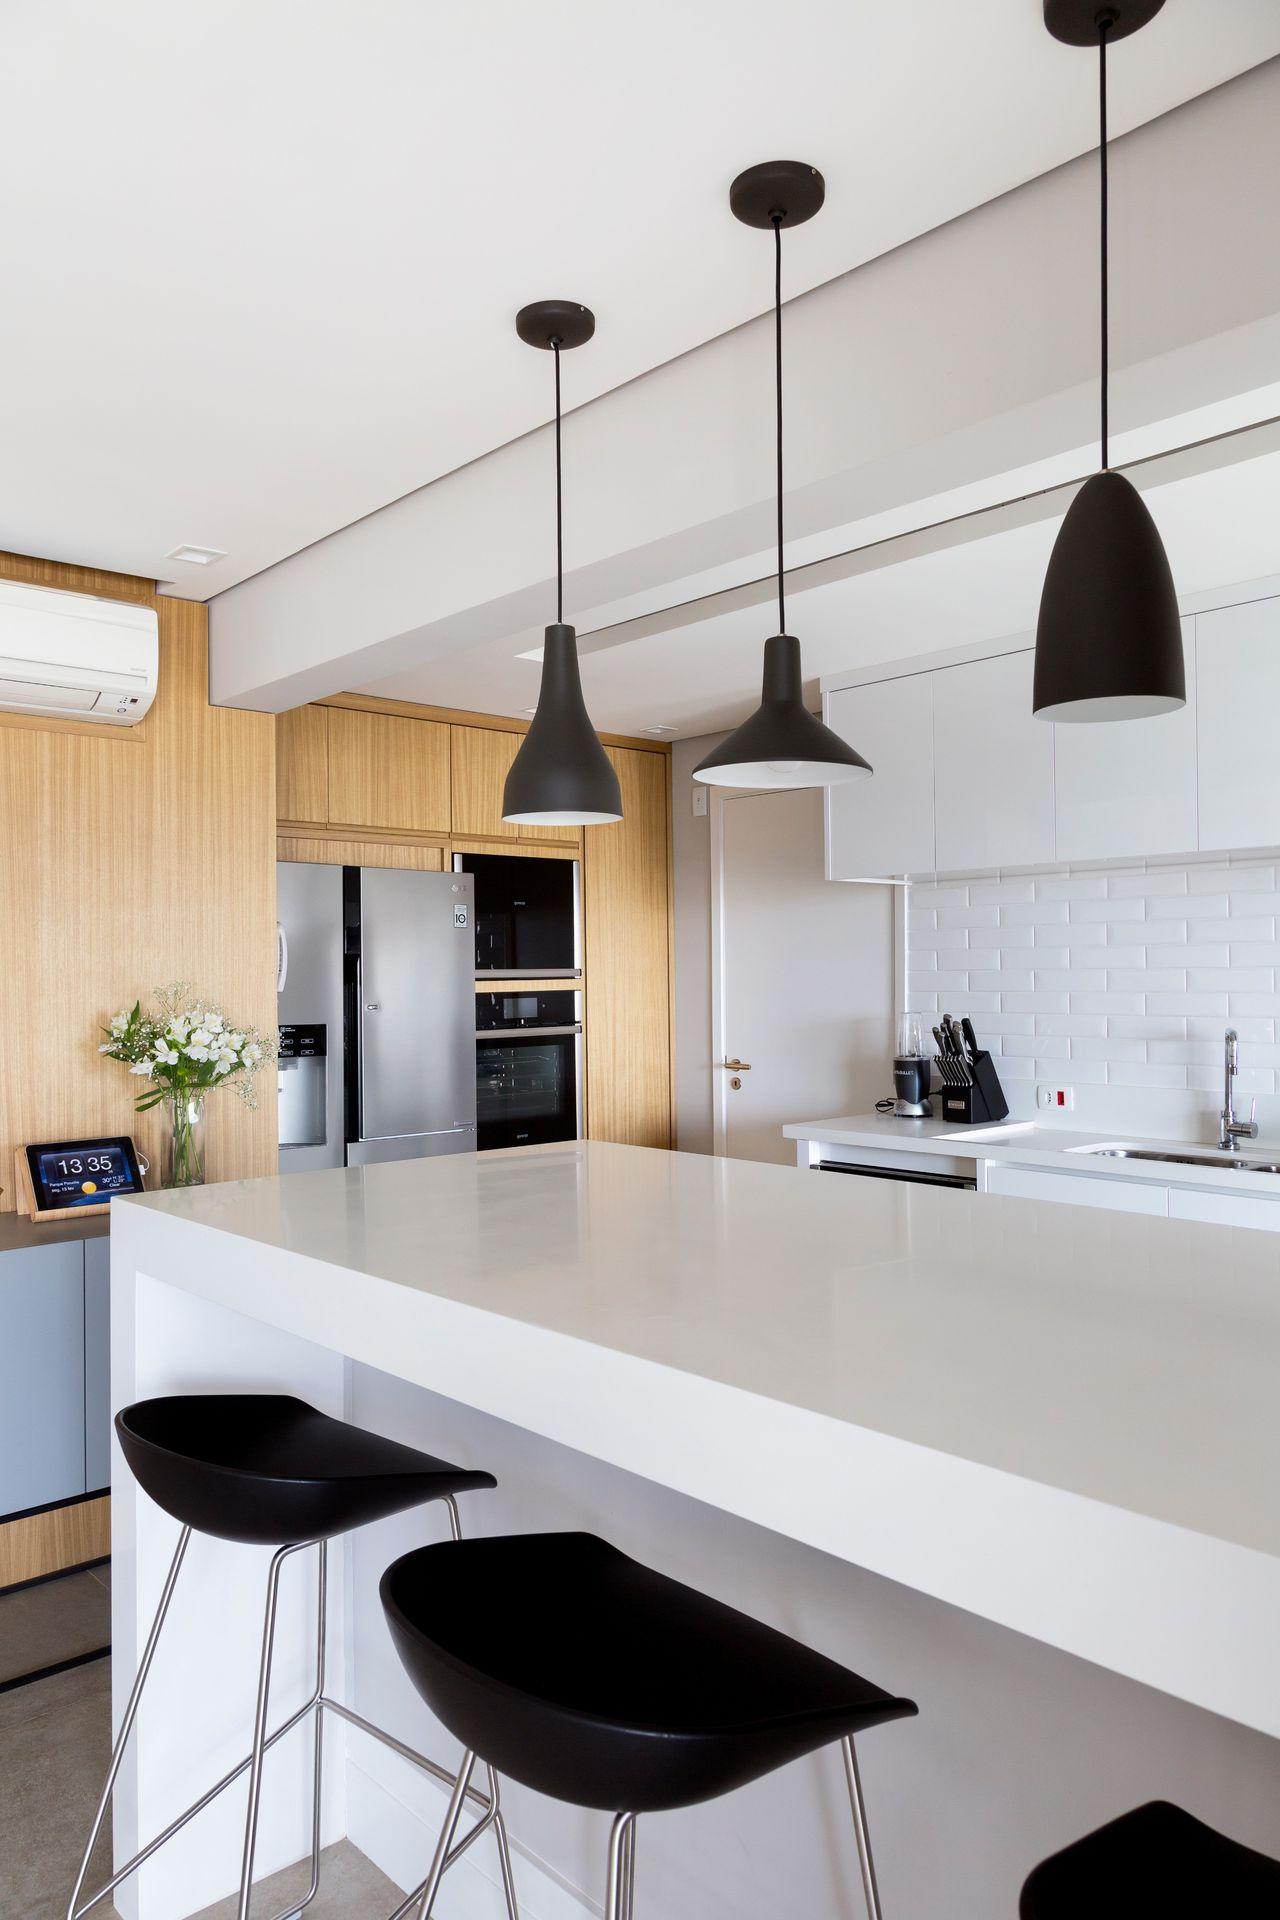 Cozinha Americana Branca Com Revestimento Madeira De Gf Projetos